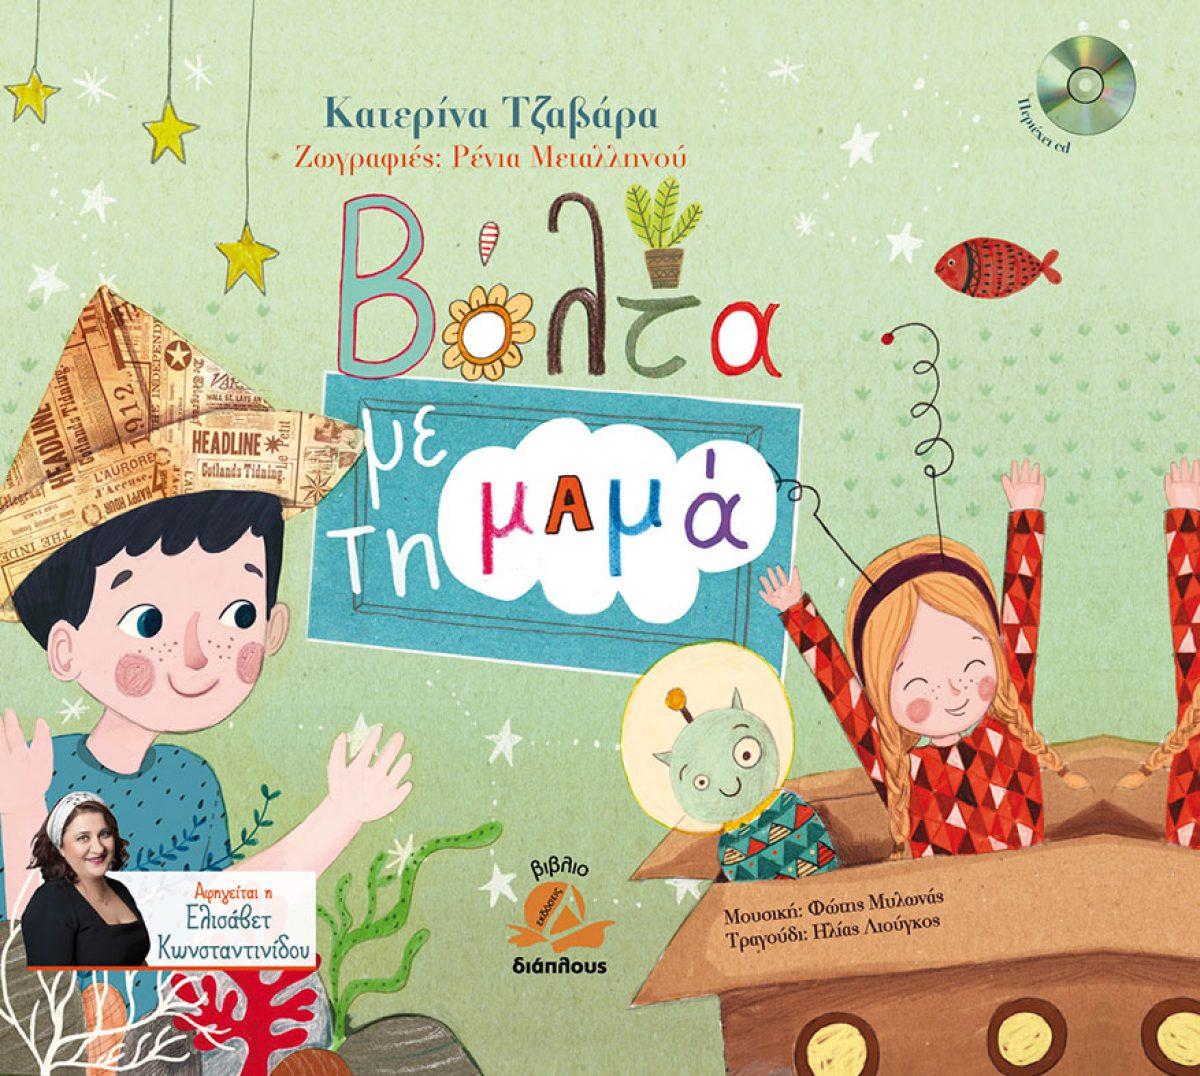 Βιβλιοδιαγωνισμός για 2 τυχερές – «Βόλτα με τη μαμά» της Κατερίνας Τζαβάρα από τις εκδόσεις Διάπλους